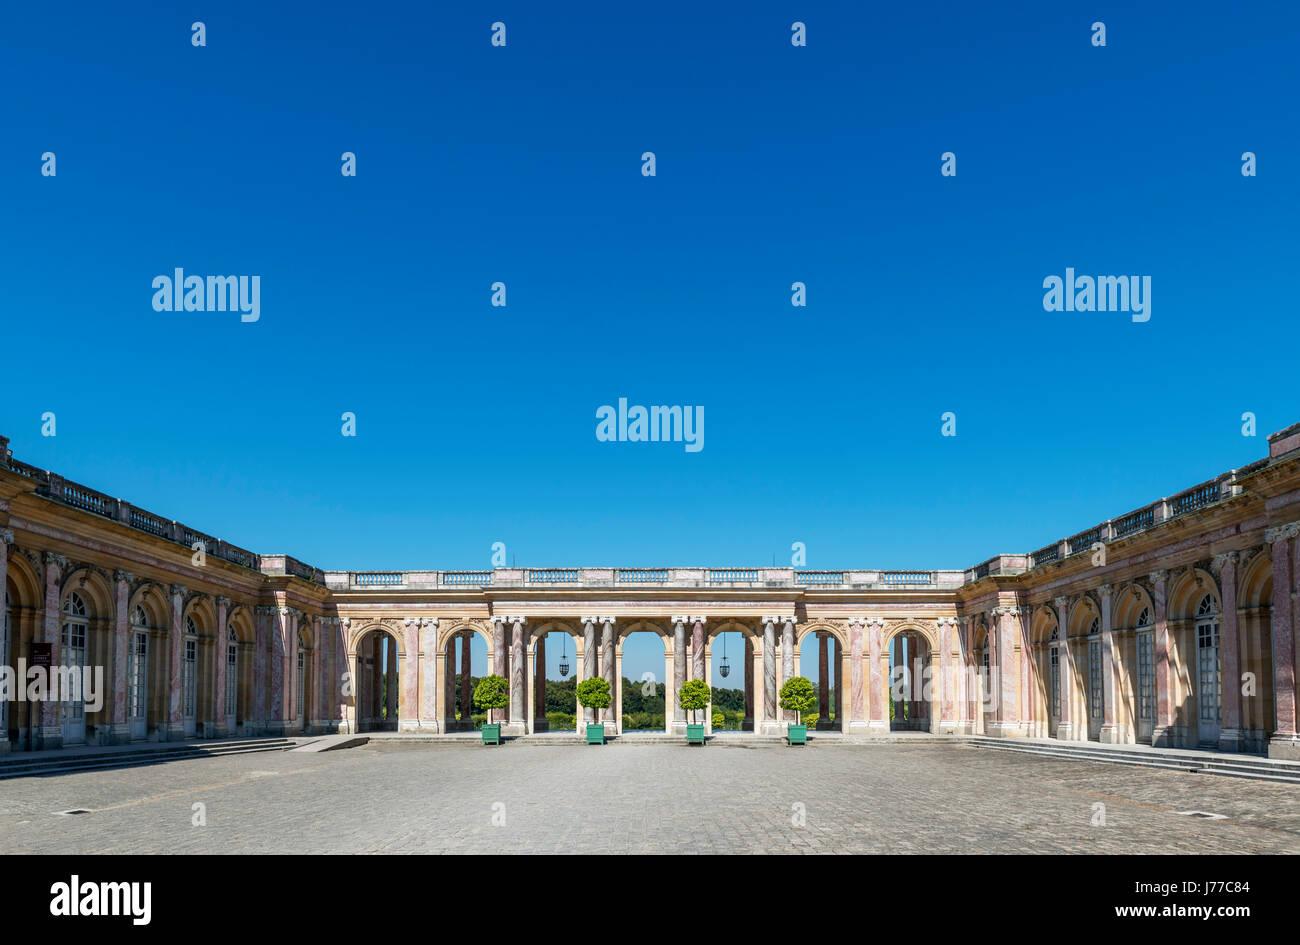 Das Grand Trianon, mit Blick auf das Peristyl, Domain de Versailles, in der Nähe von Paris, Frankreich Stockbild